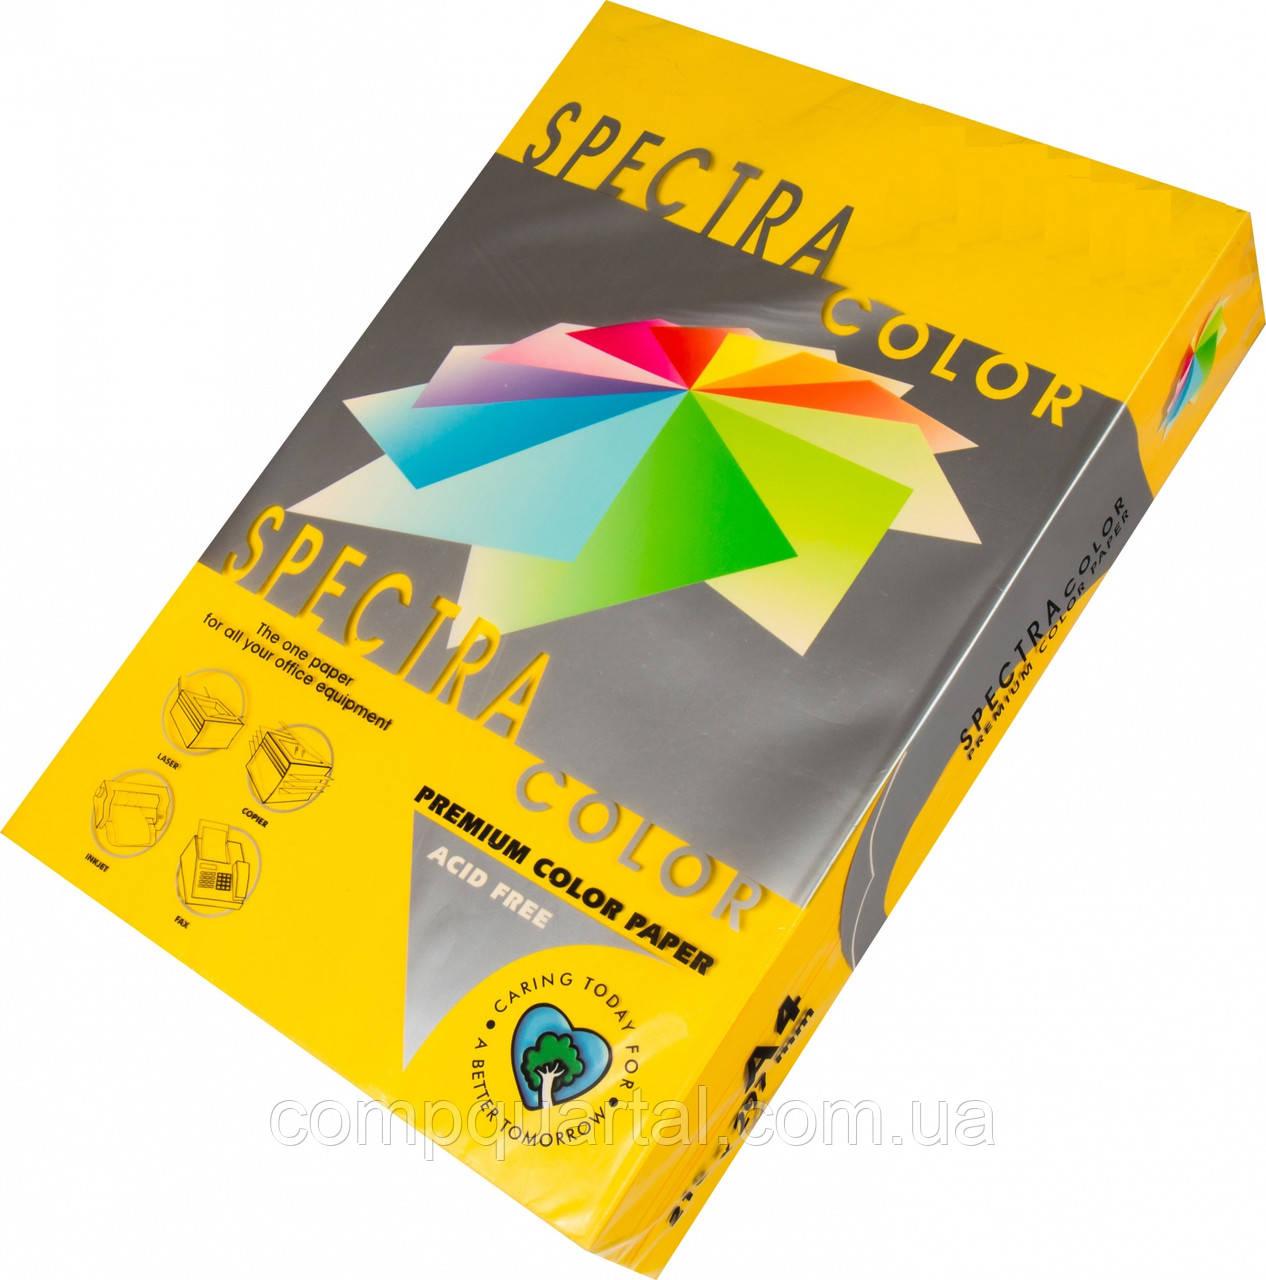 Папір кольоровий 80г/м, А3 500арк. SPECTRA COLOR IT 200 Gold (Інтенсивний жовтий)